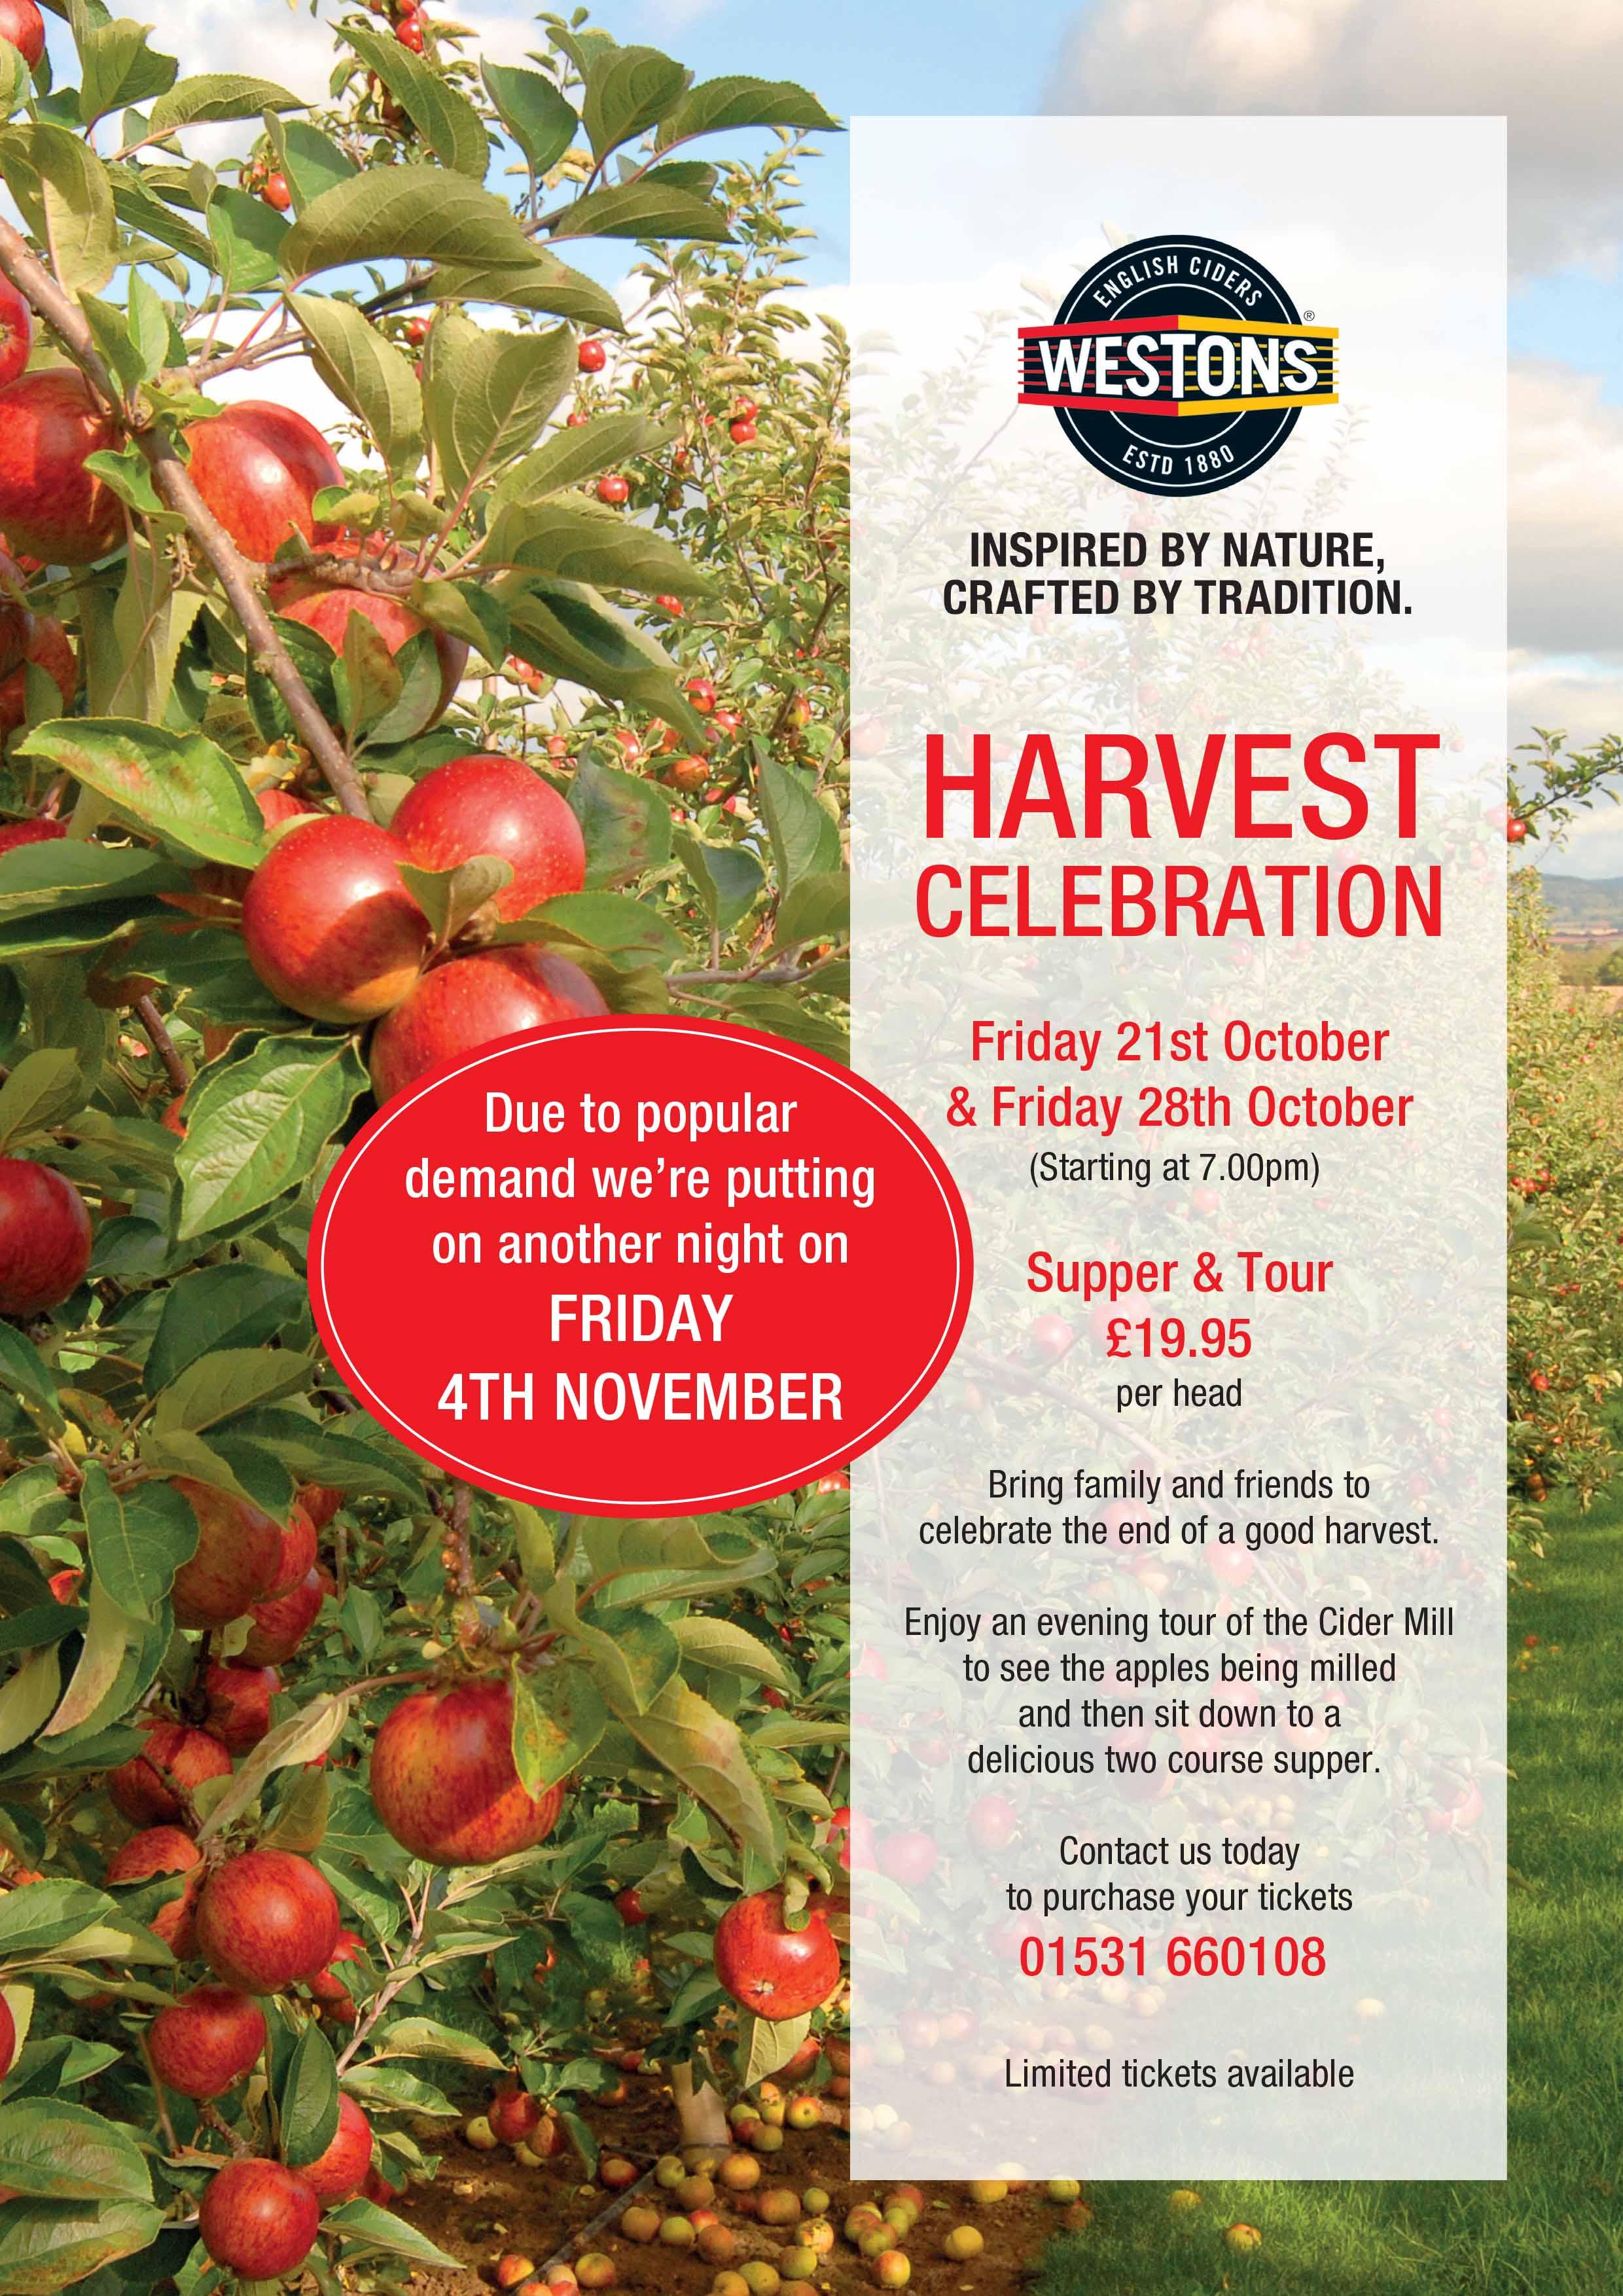 Westons Cider Harvest celebration 2016